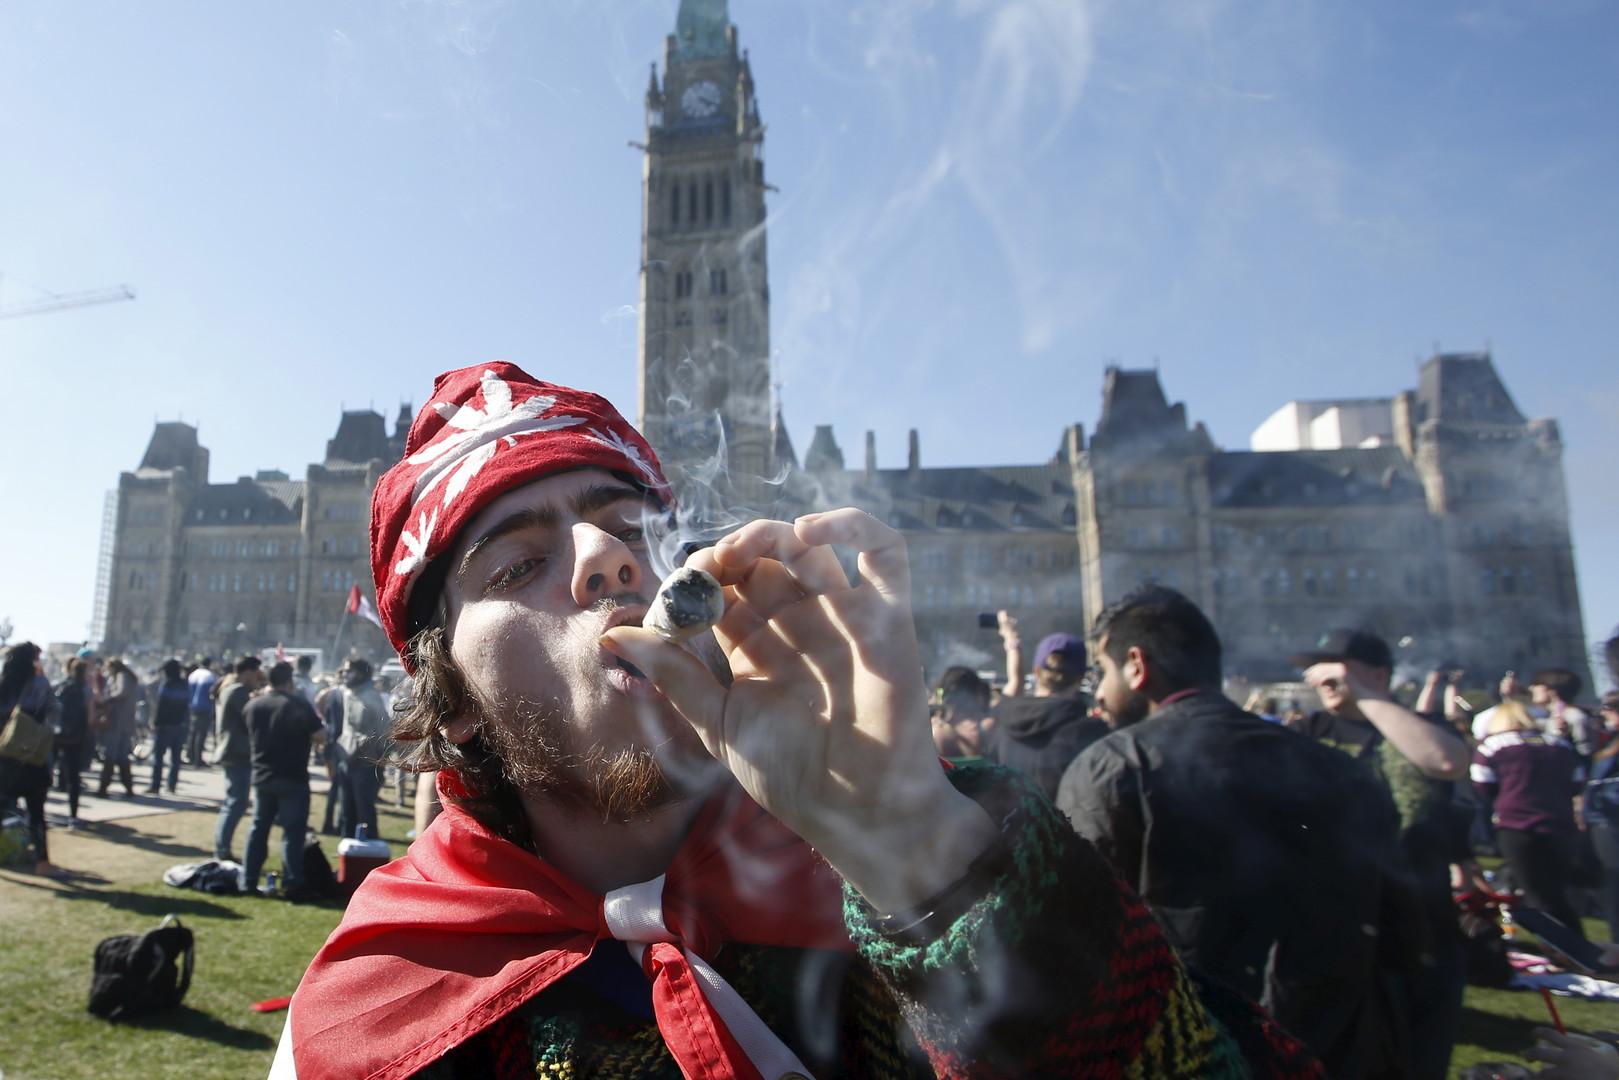 manifestation pour la légalisation de la marijuana au Canada